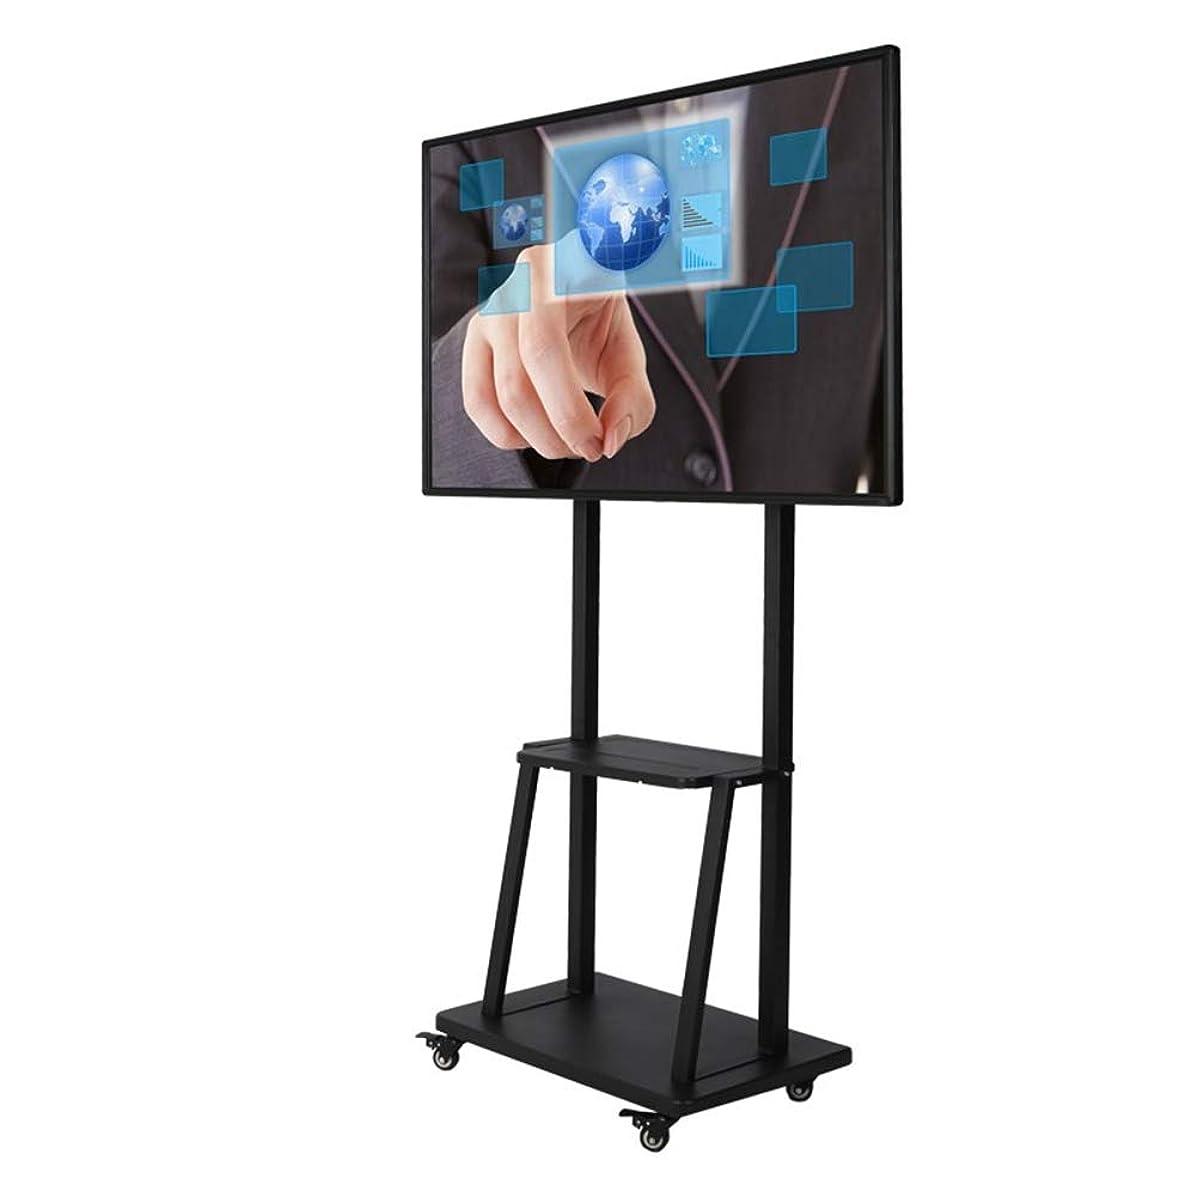 懸念メロドラマほぼテレビカート、ユニバーサルモバイルTVスタンド付きホイールホームフロアTVマウント32?65インチLED LCD OLEDフラットスクリーンプラズマテレビテレビモニター用オフィス